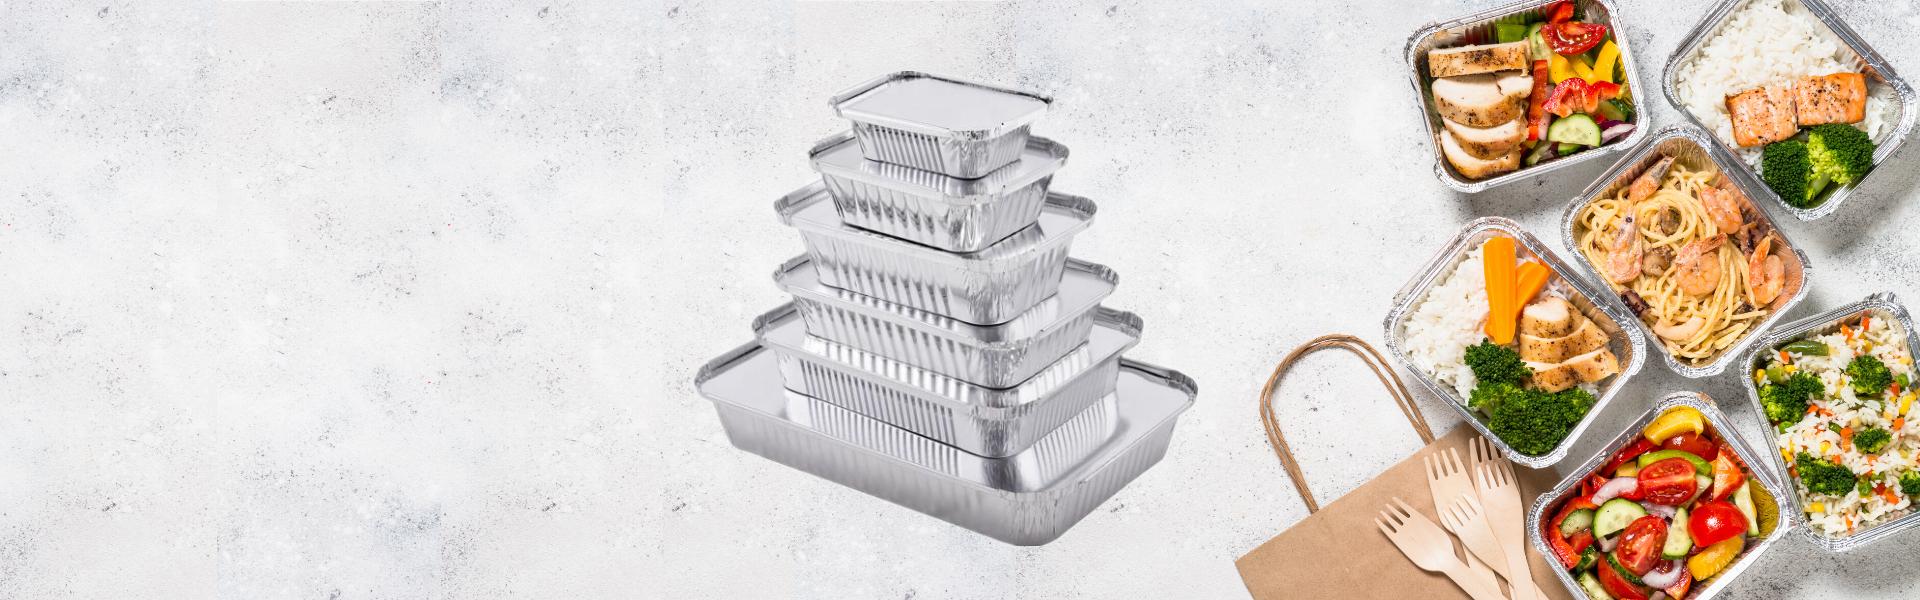 Picutre of aluminium foil containers